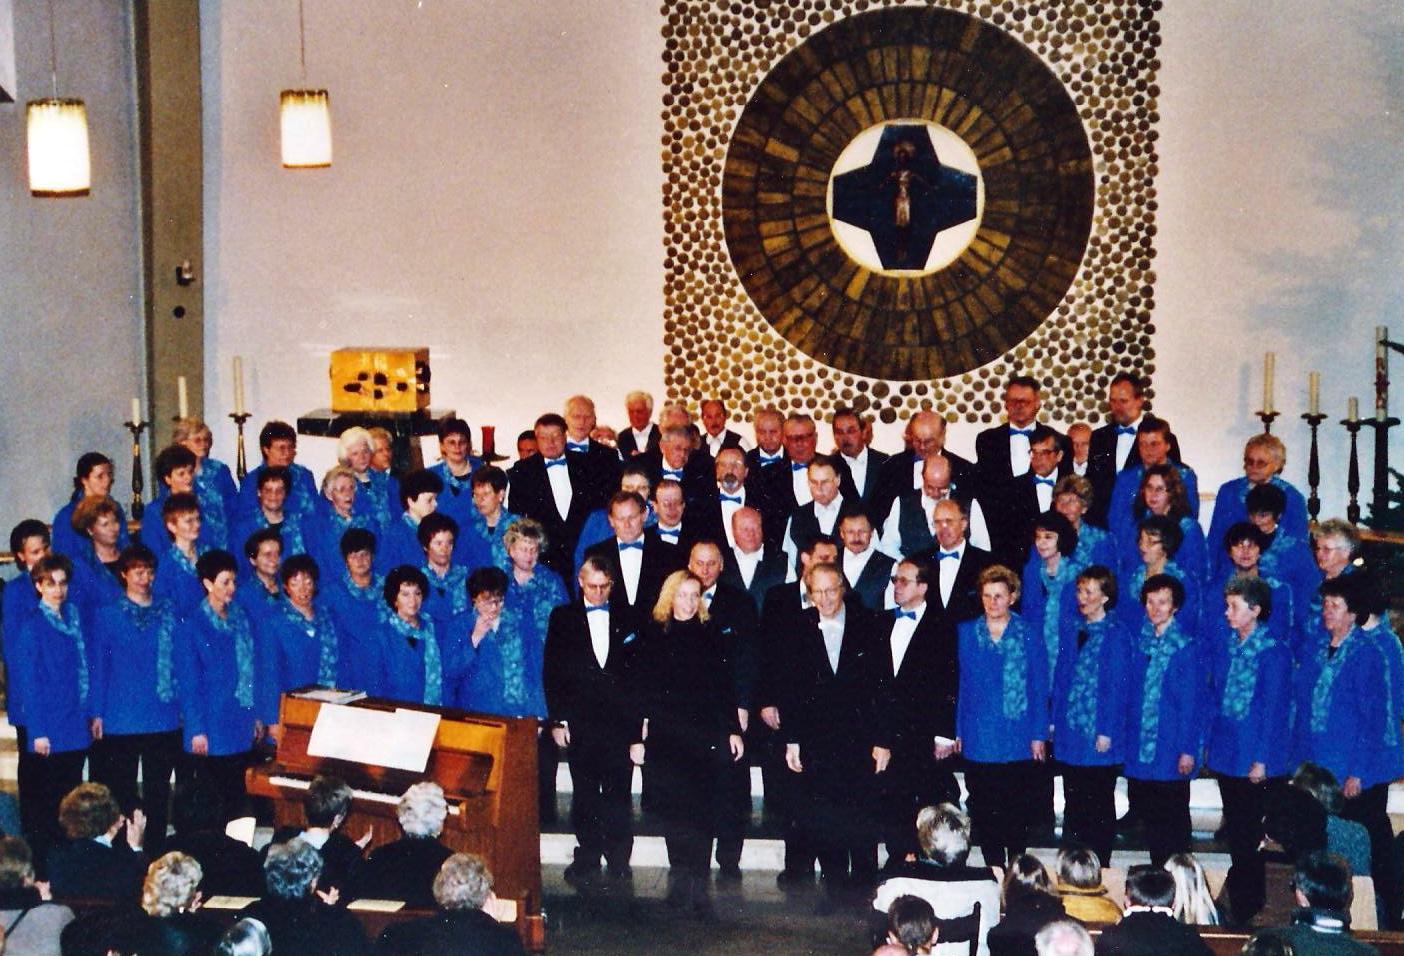 1999 - Weihnachtskonzert in der Kirche St. Maria Frieden, Harderberg